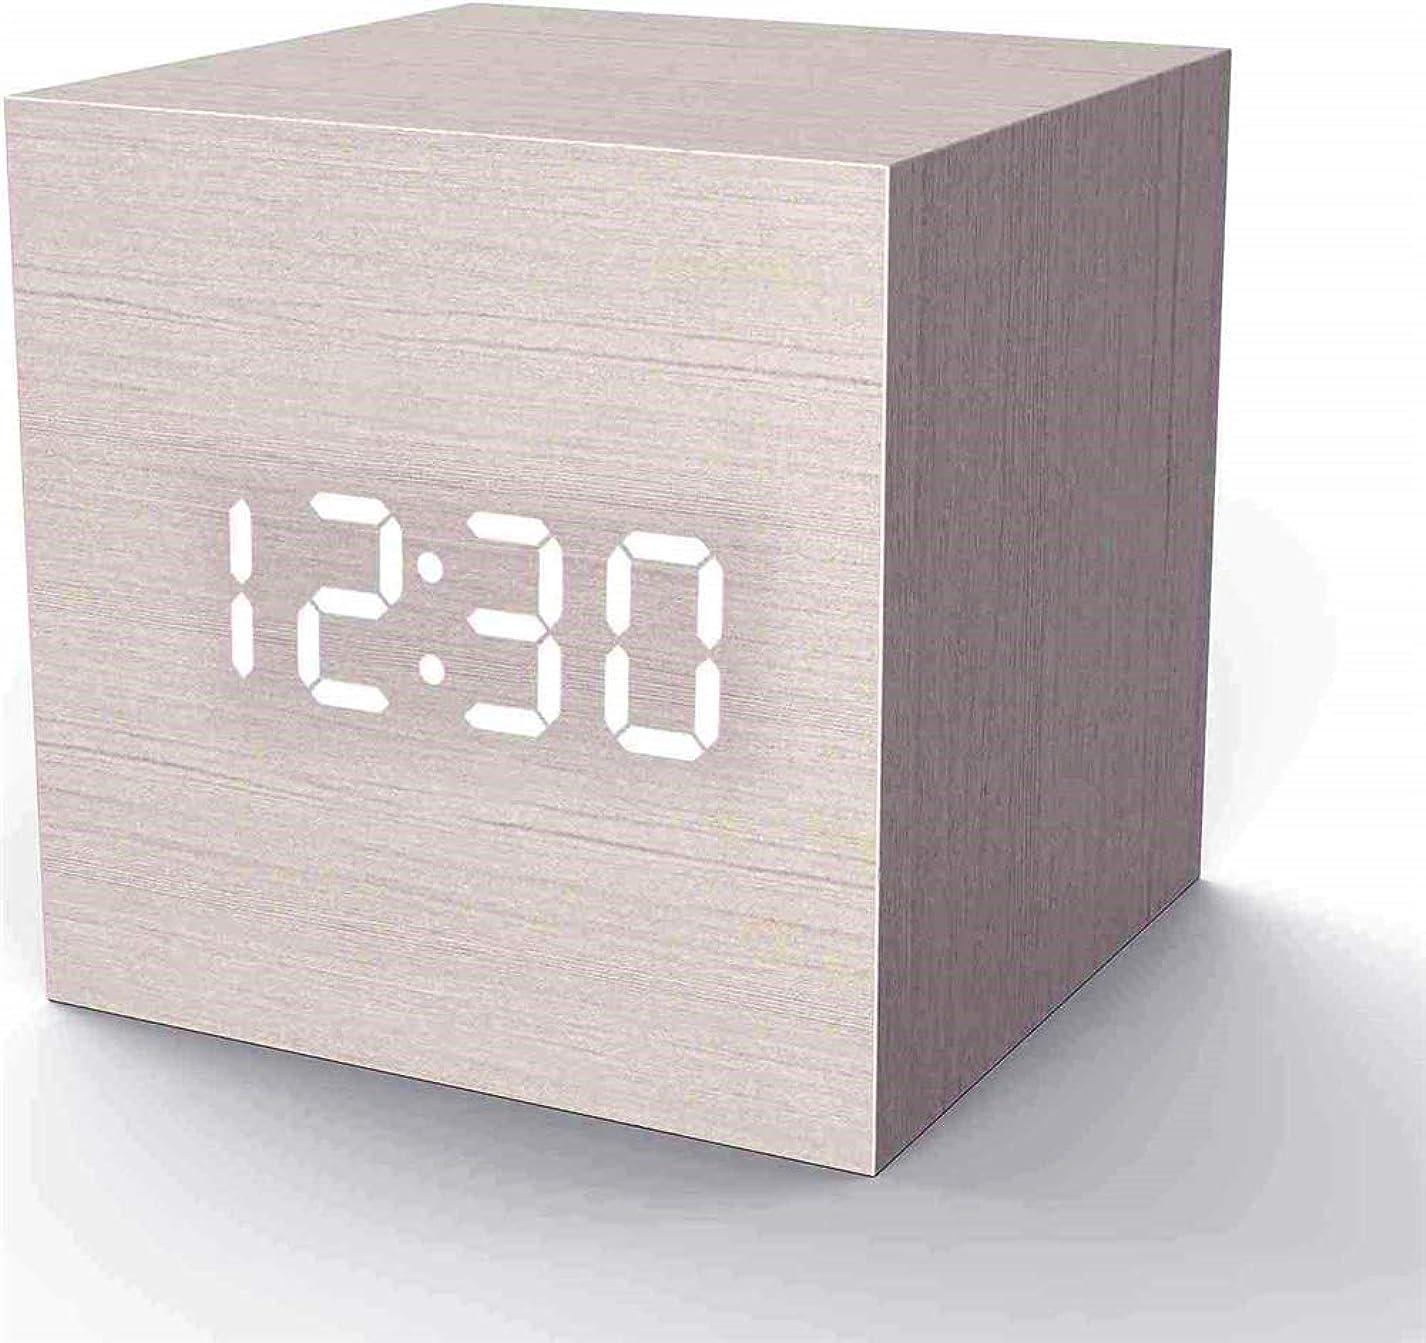 バクテリアマルクス主義者ポケットトラベルキッズベッドルーム白の日付と温度とウッド目覚まし時計デジタルLEDライトミニマミニキューブ